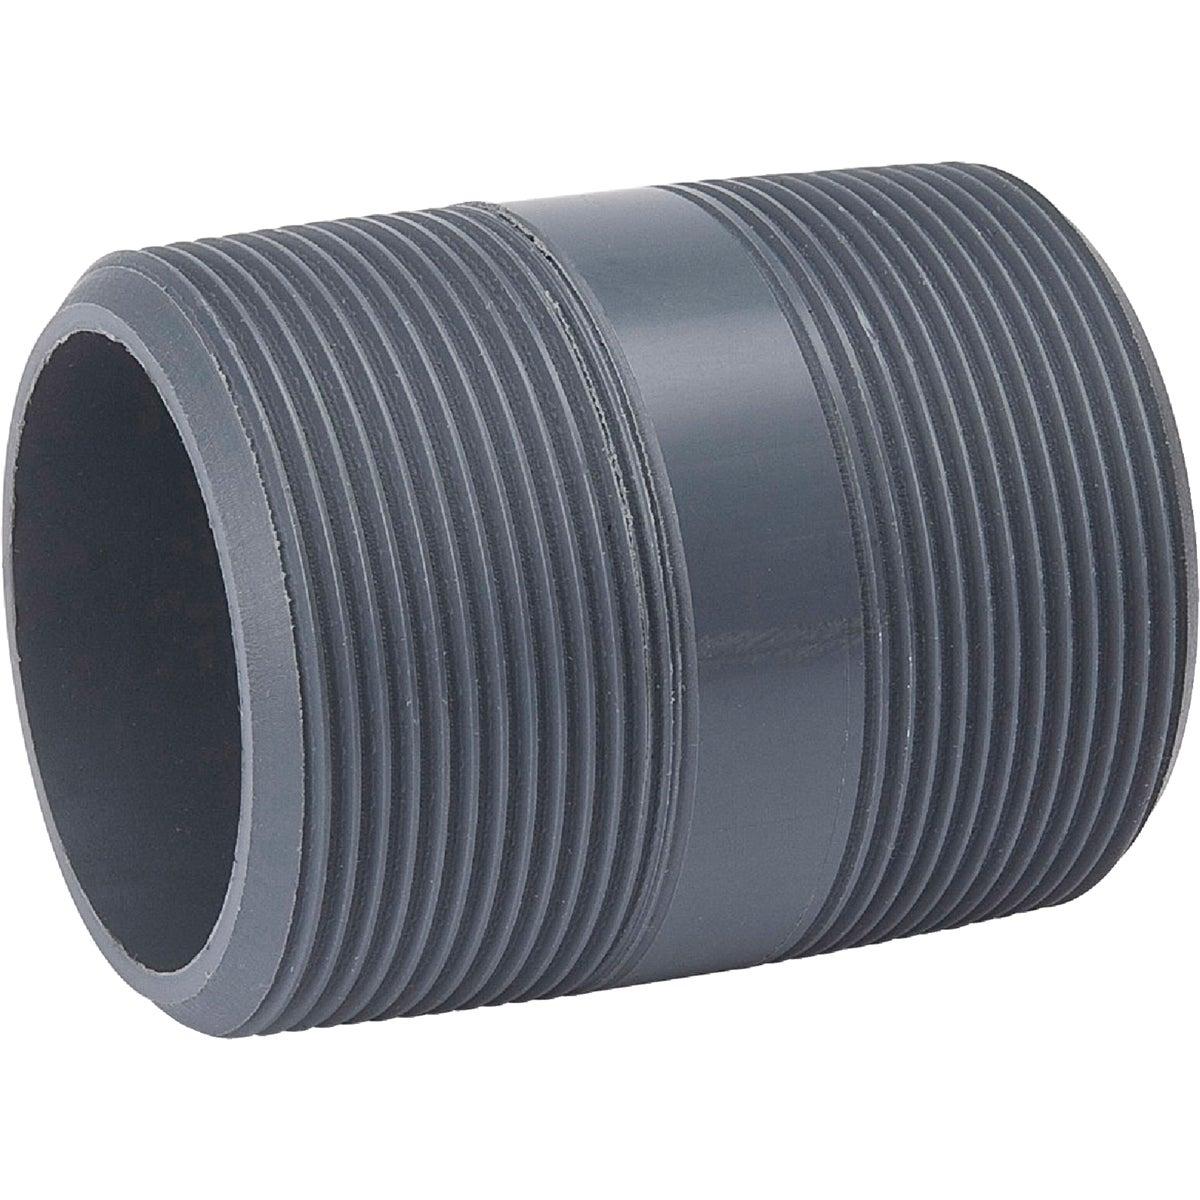 1-1/2XCL PVC NIPPLE - 407-001 by Mueller B K